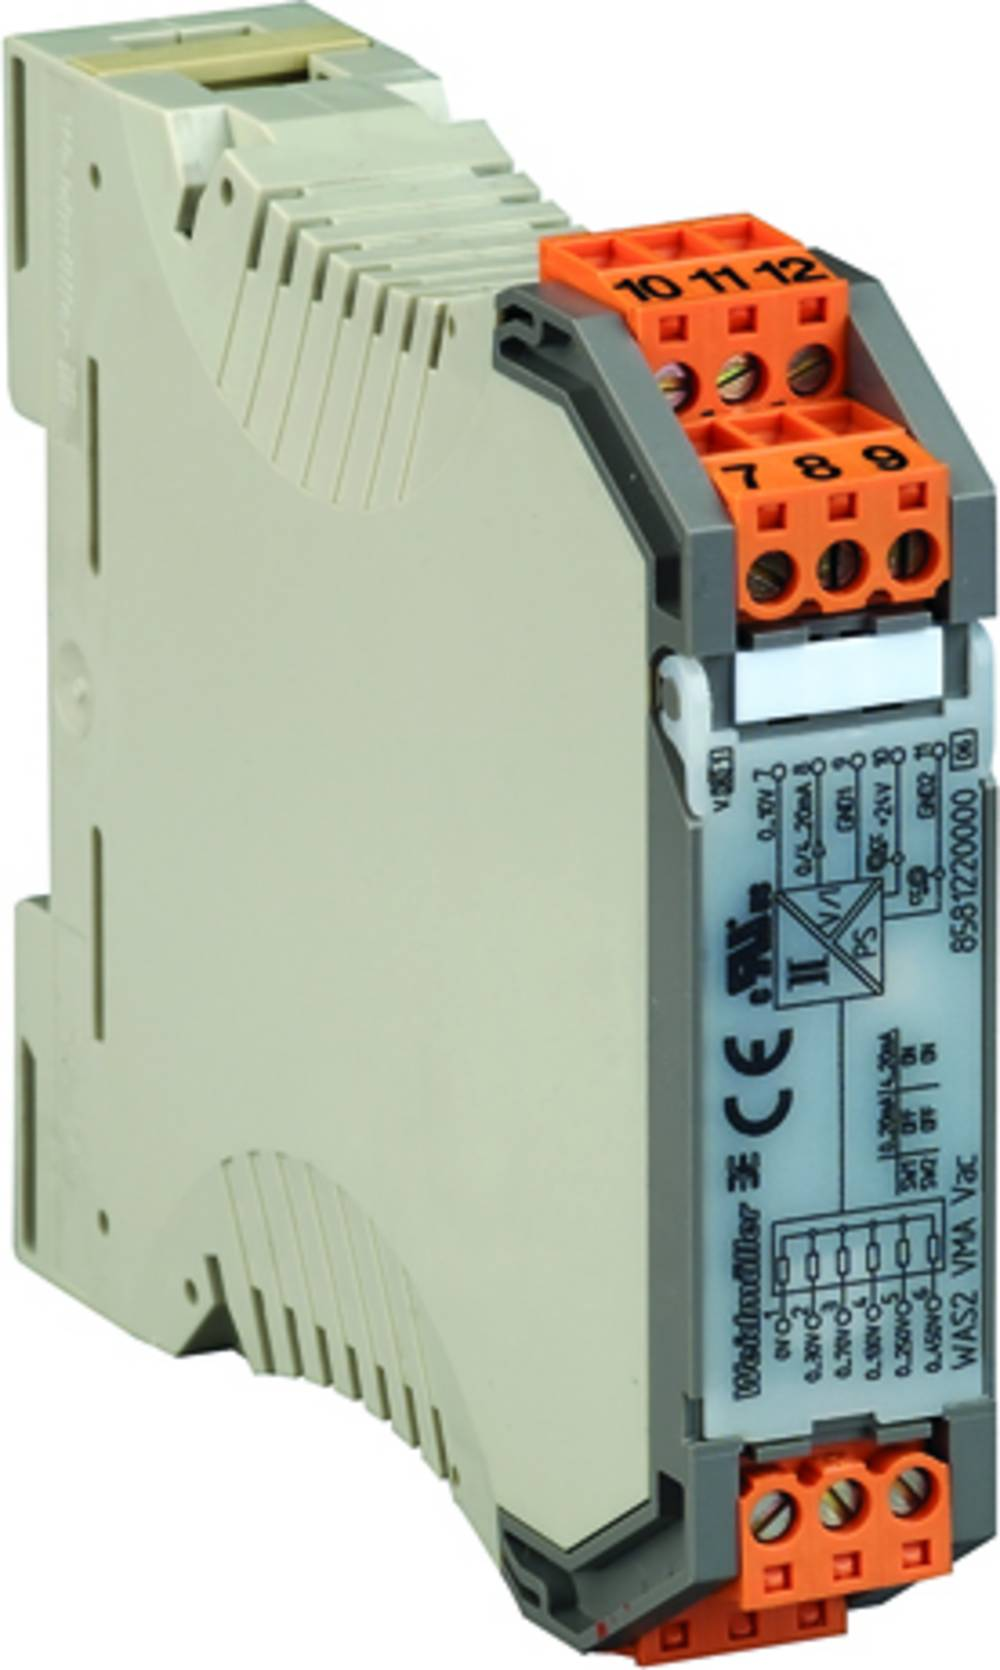 Spremljanje električne energije WAZ1 CMA 1/5/10A AC kataloška številka 8523410000 Weidmüller vsebuje: 1 kos